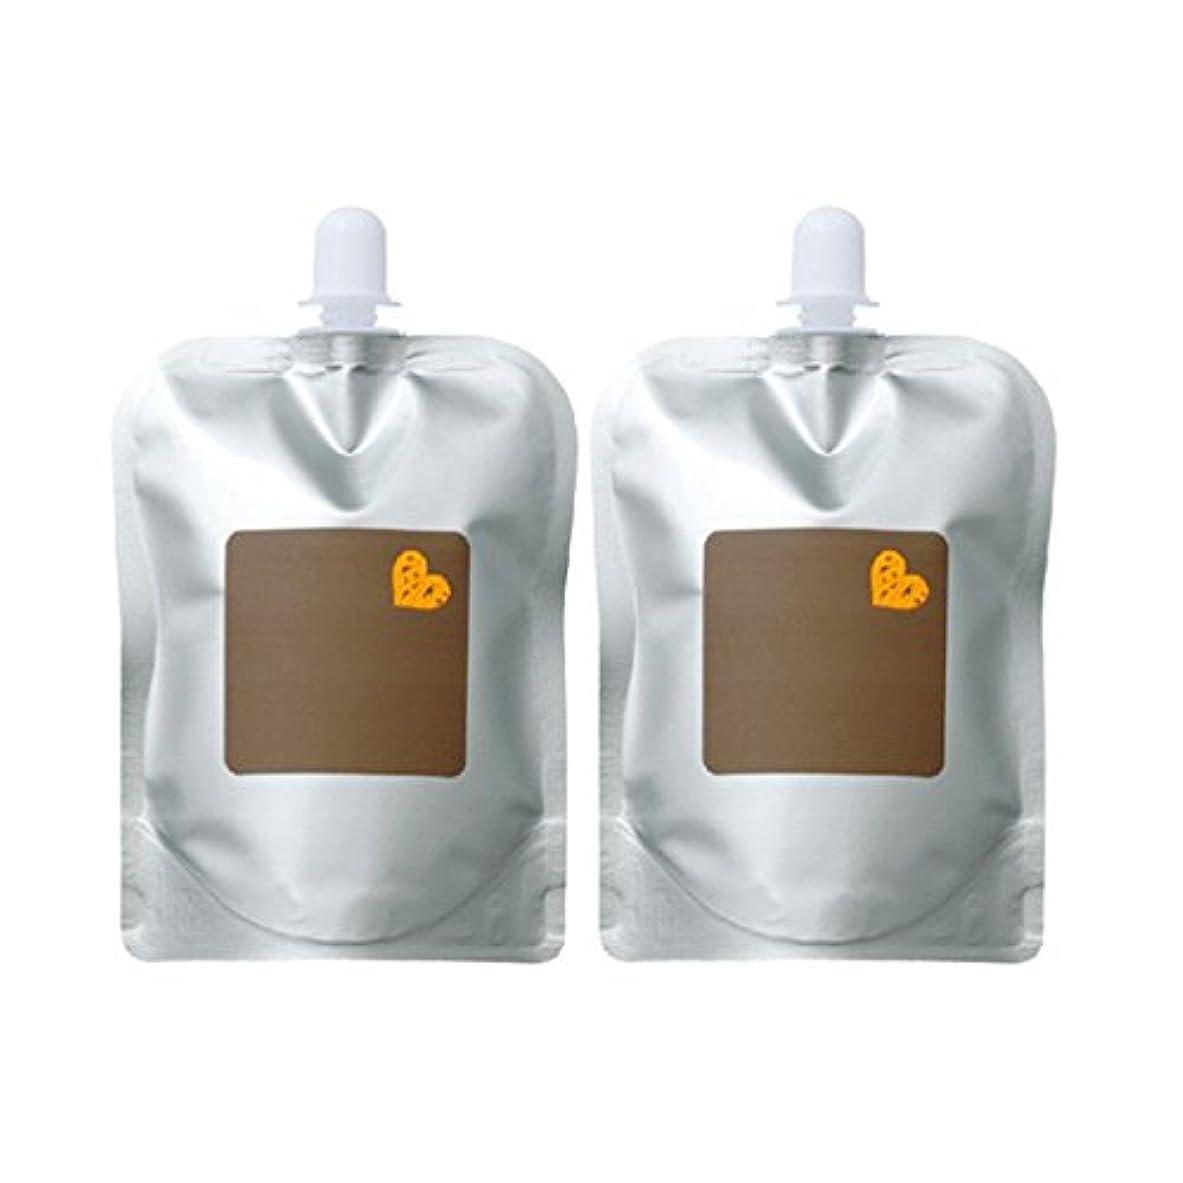 バクテリア奨励める【X2個セット】 アリミノ ピース ライトワックス ホイップ 400g 詰替え用